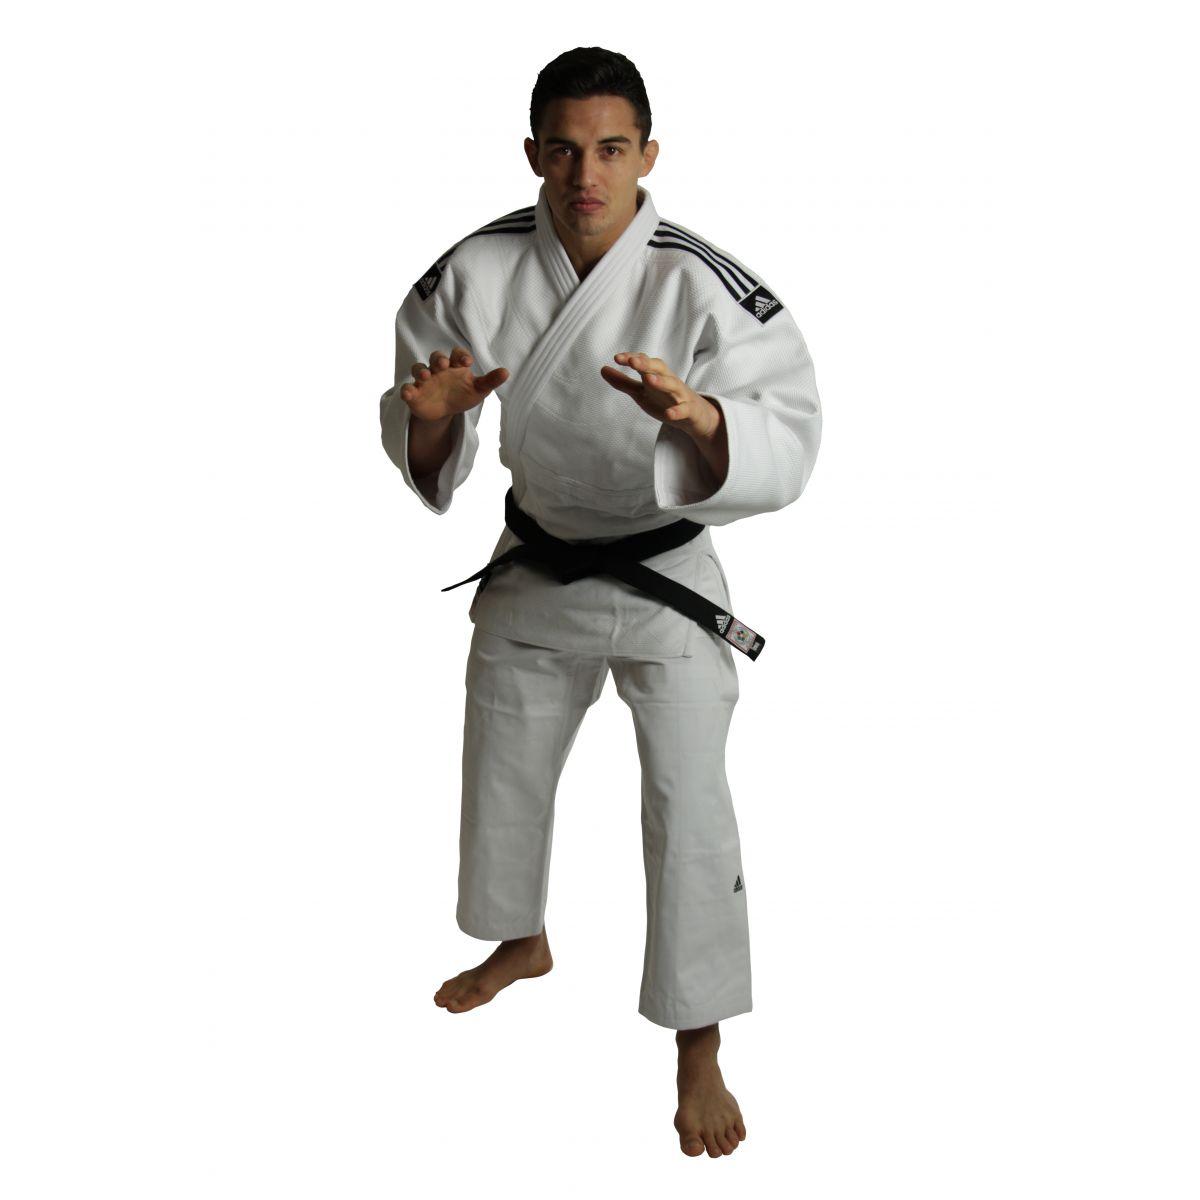 Kimono Judô Champion II - com novo selo eletronico da FIJ